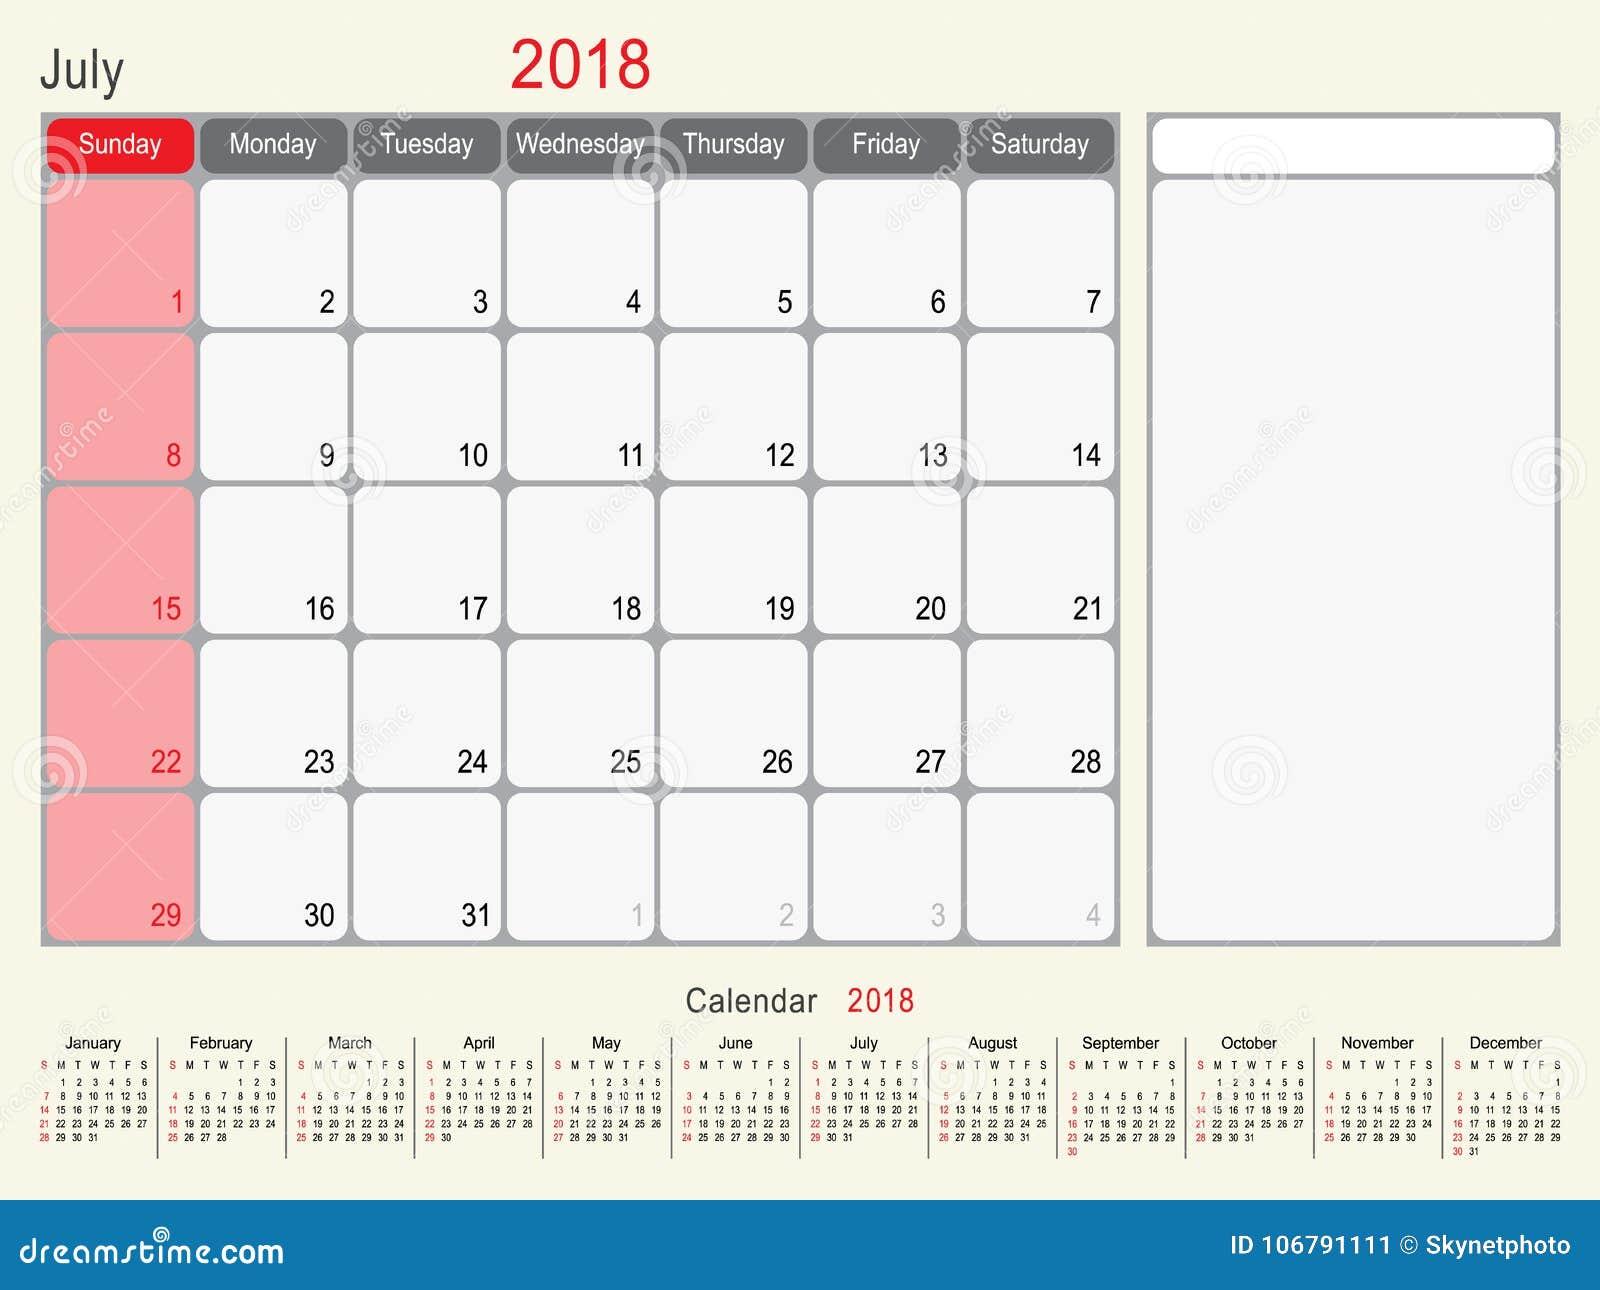 july 2018 calendar planner design